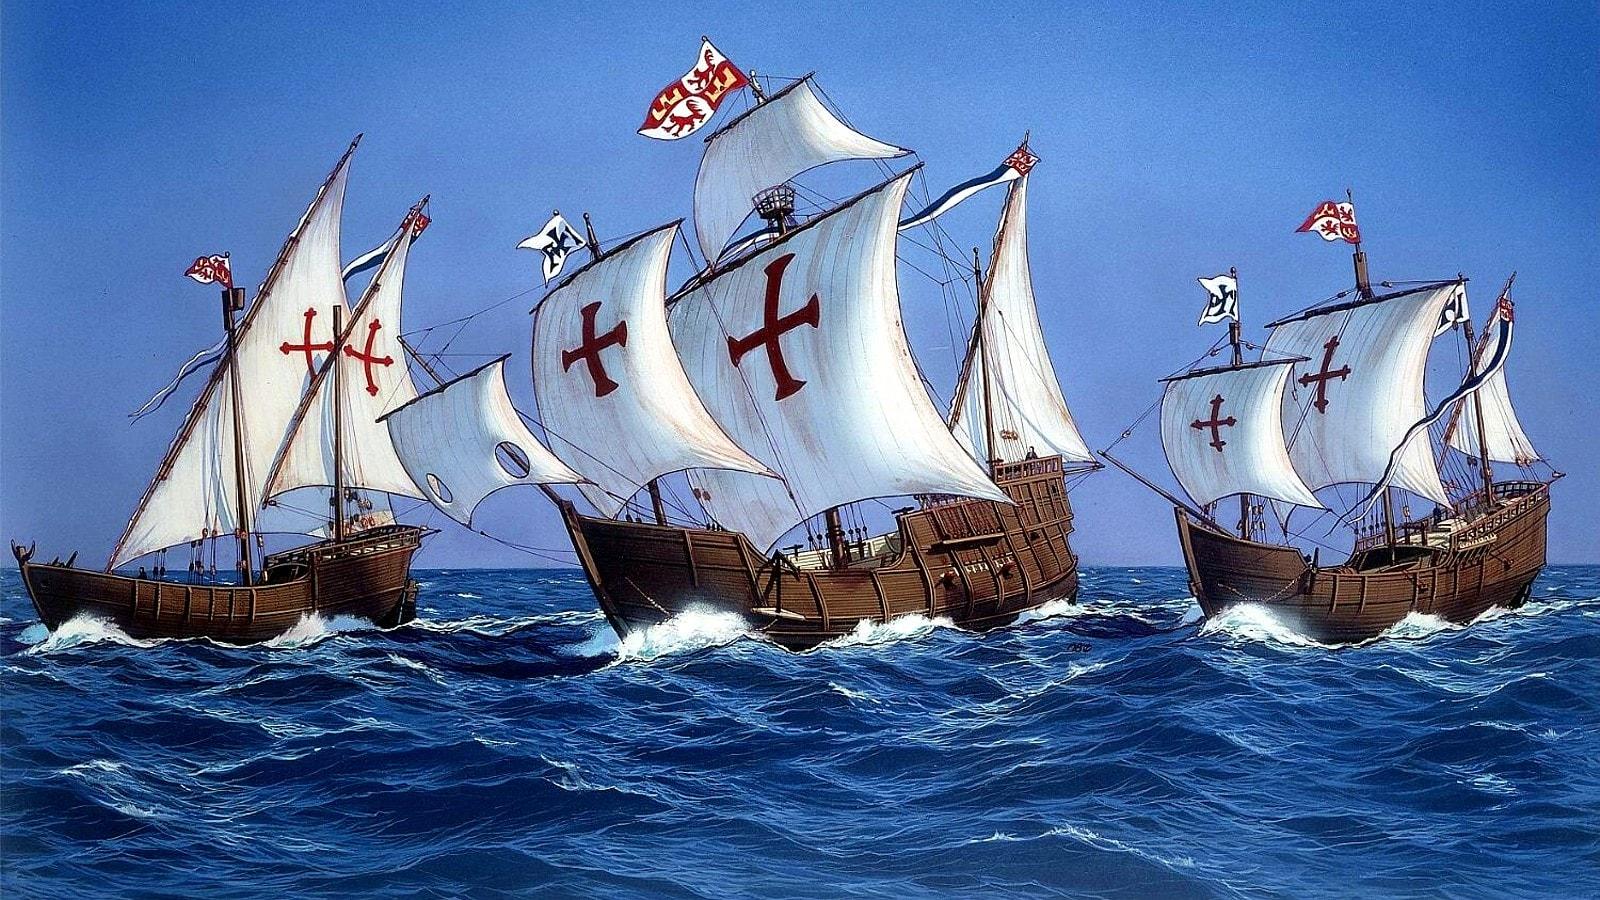 Tumba de cristobal col n tumbas de famosos - Todo sobre barcos ...